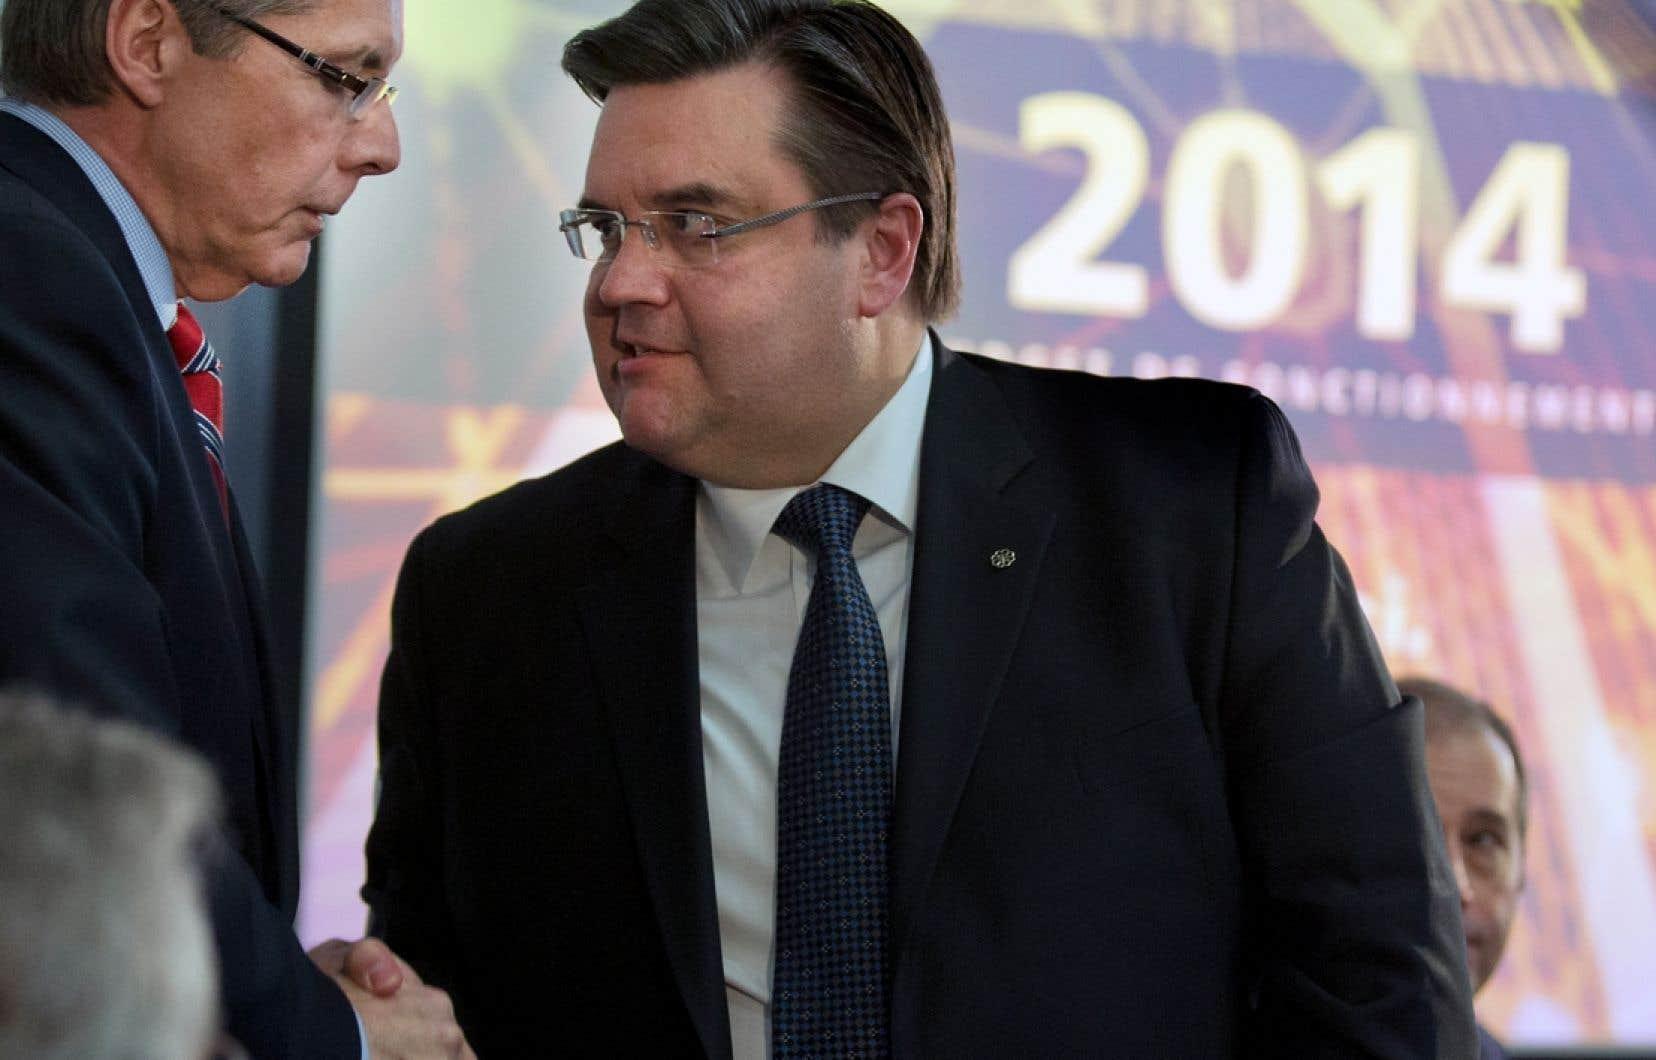 Le maire Coderre a qualifié son budget de « responsable et pragmatique » en permettant de freiner la croissance des dépenses de la Ville. Ci-dessus, le maire (à gauhe) en compagnie de Pierre Desrochers.